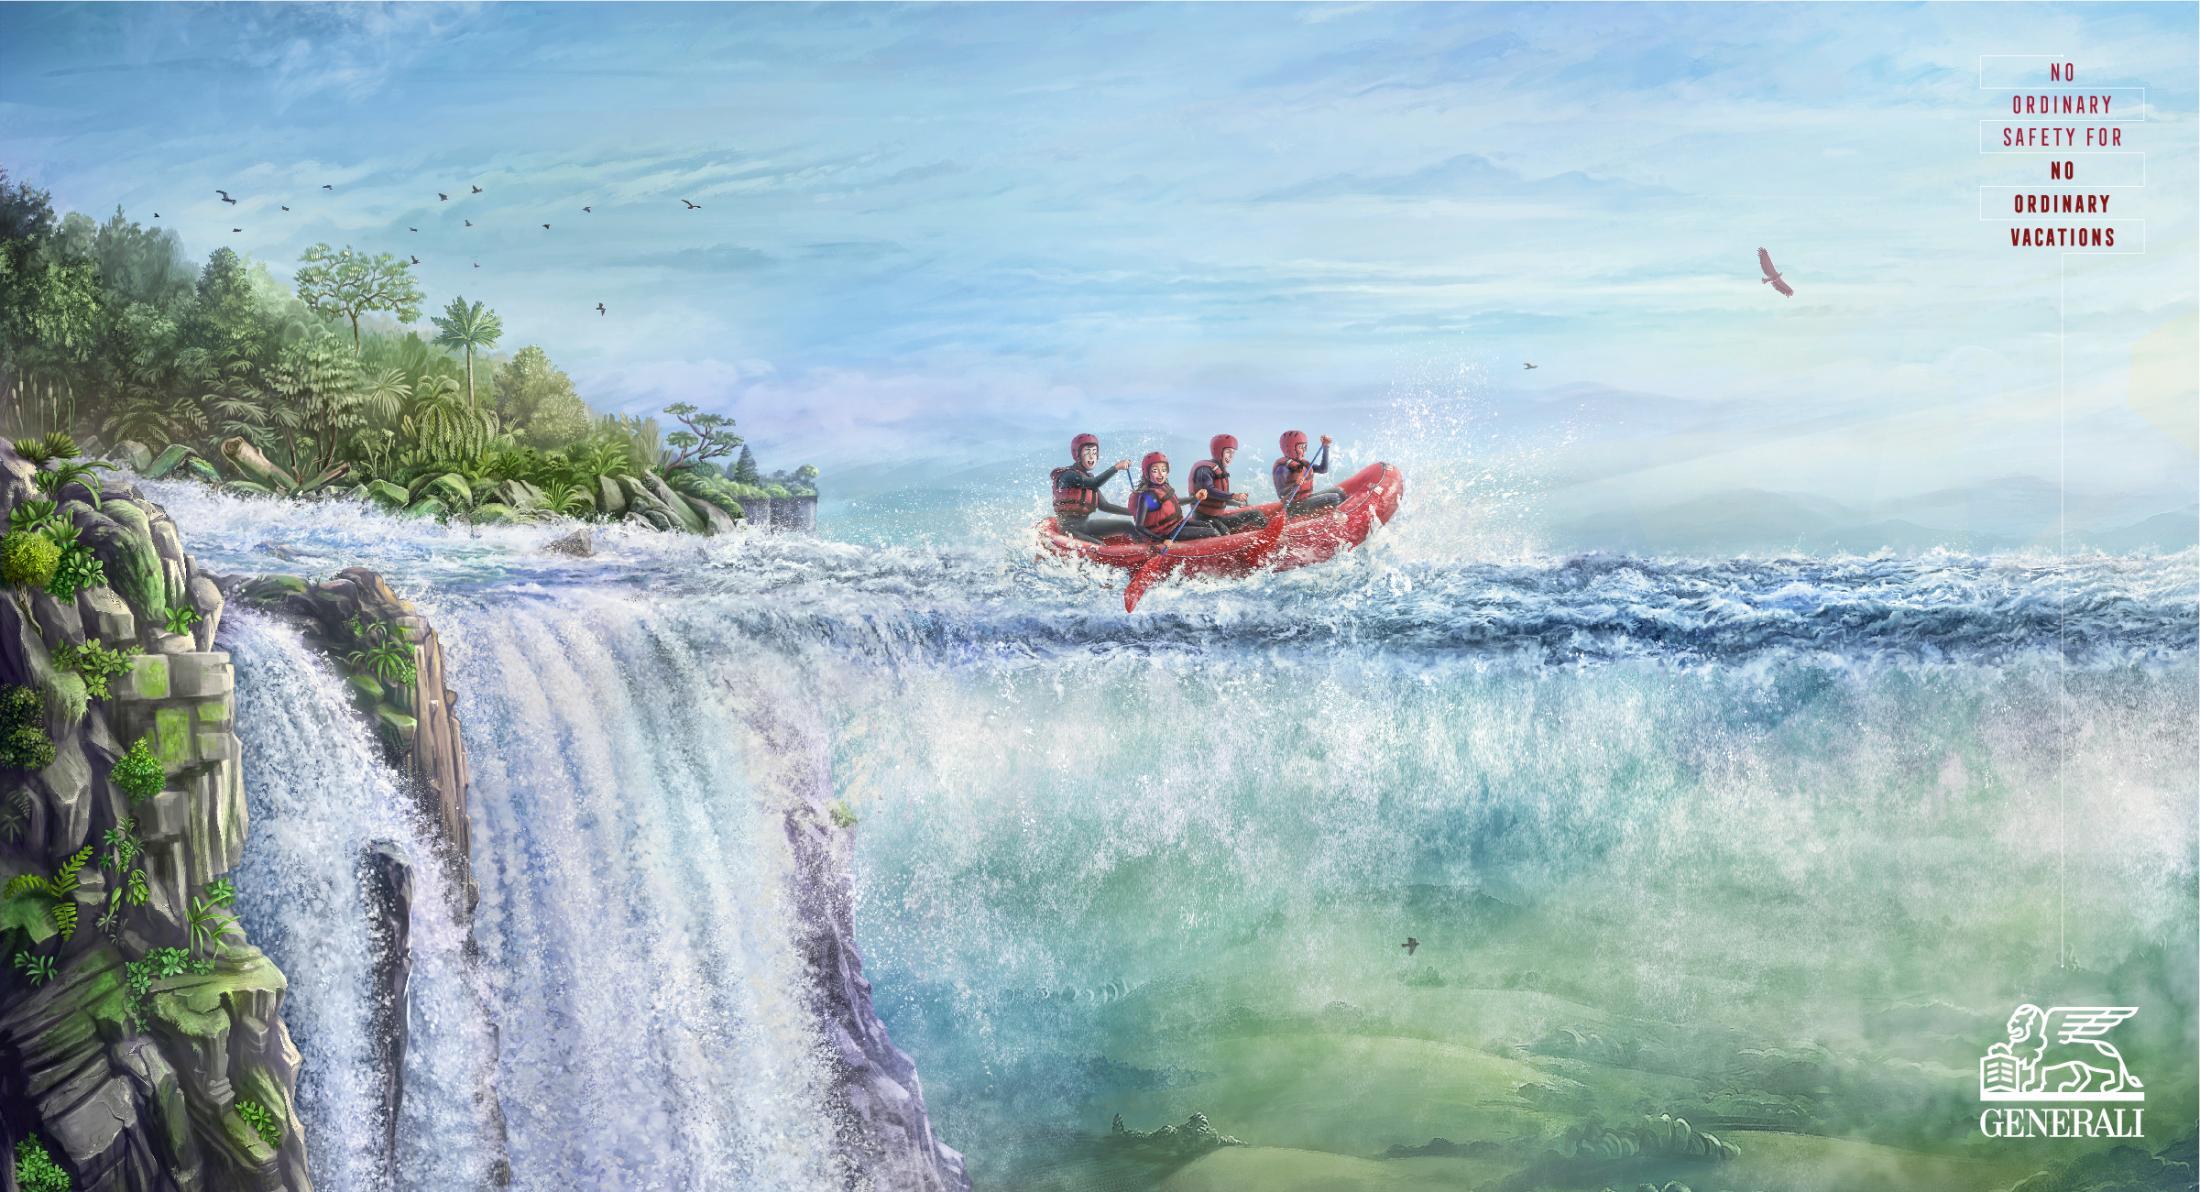 Sıradan Olmayan Tatil Sıradan Olmayan Güvenlik, Rafting - GENERALI-türkiyenin-reklamları